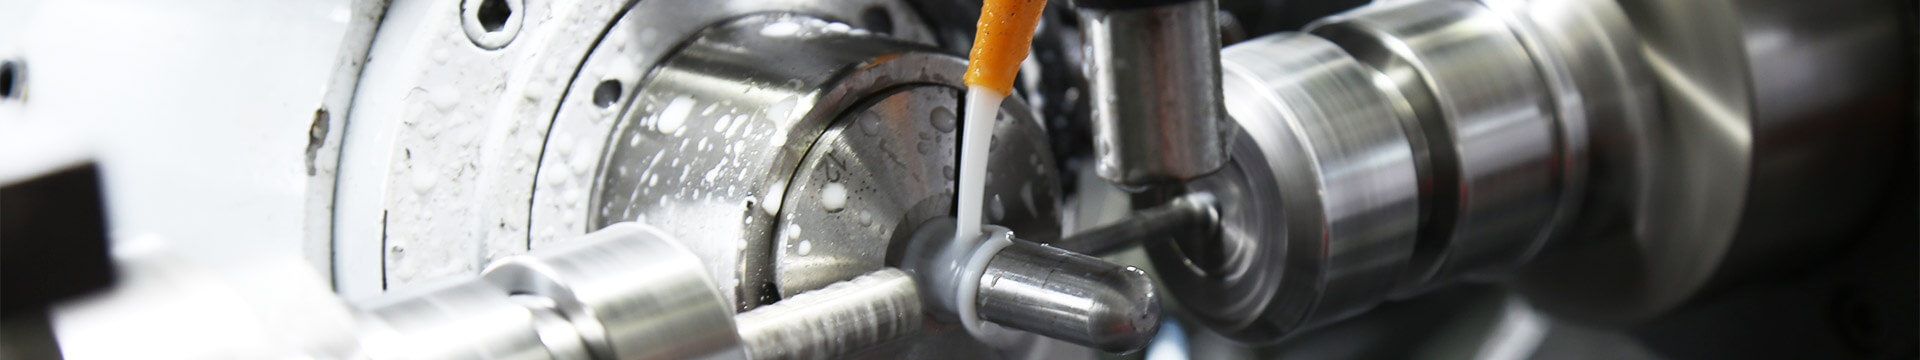 Internal Thread Cutting